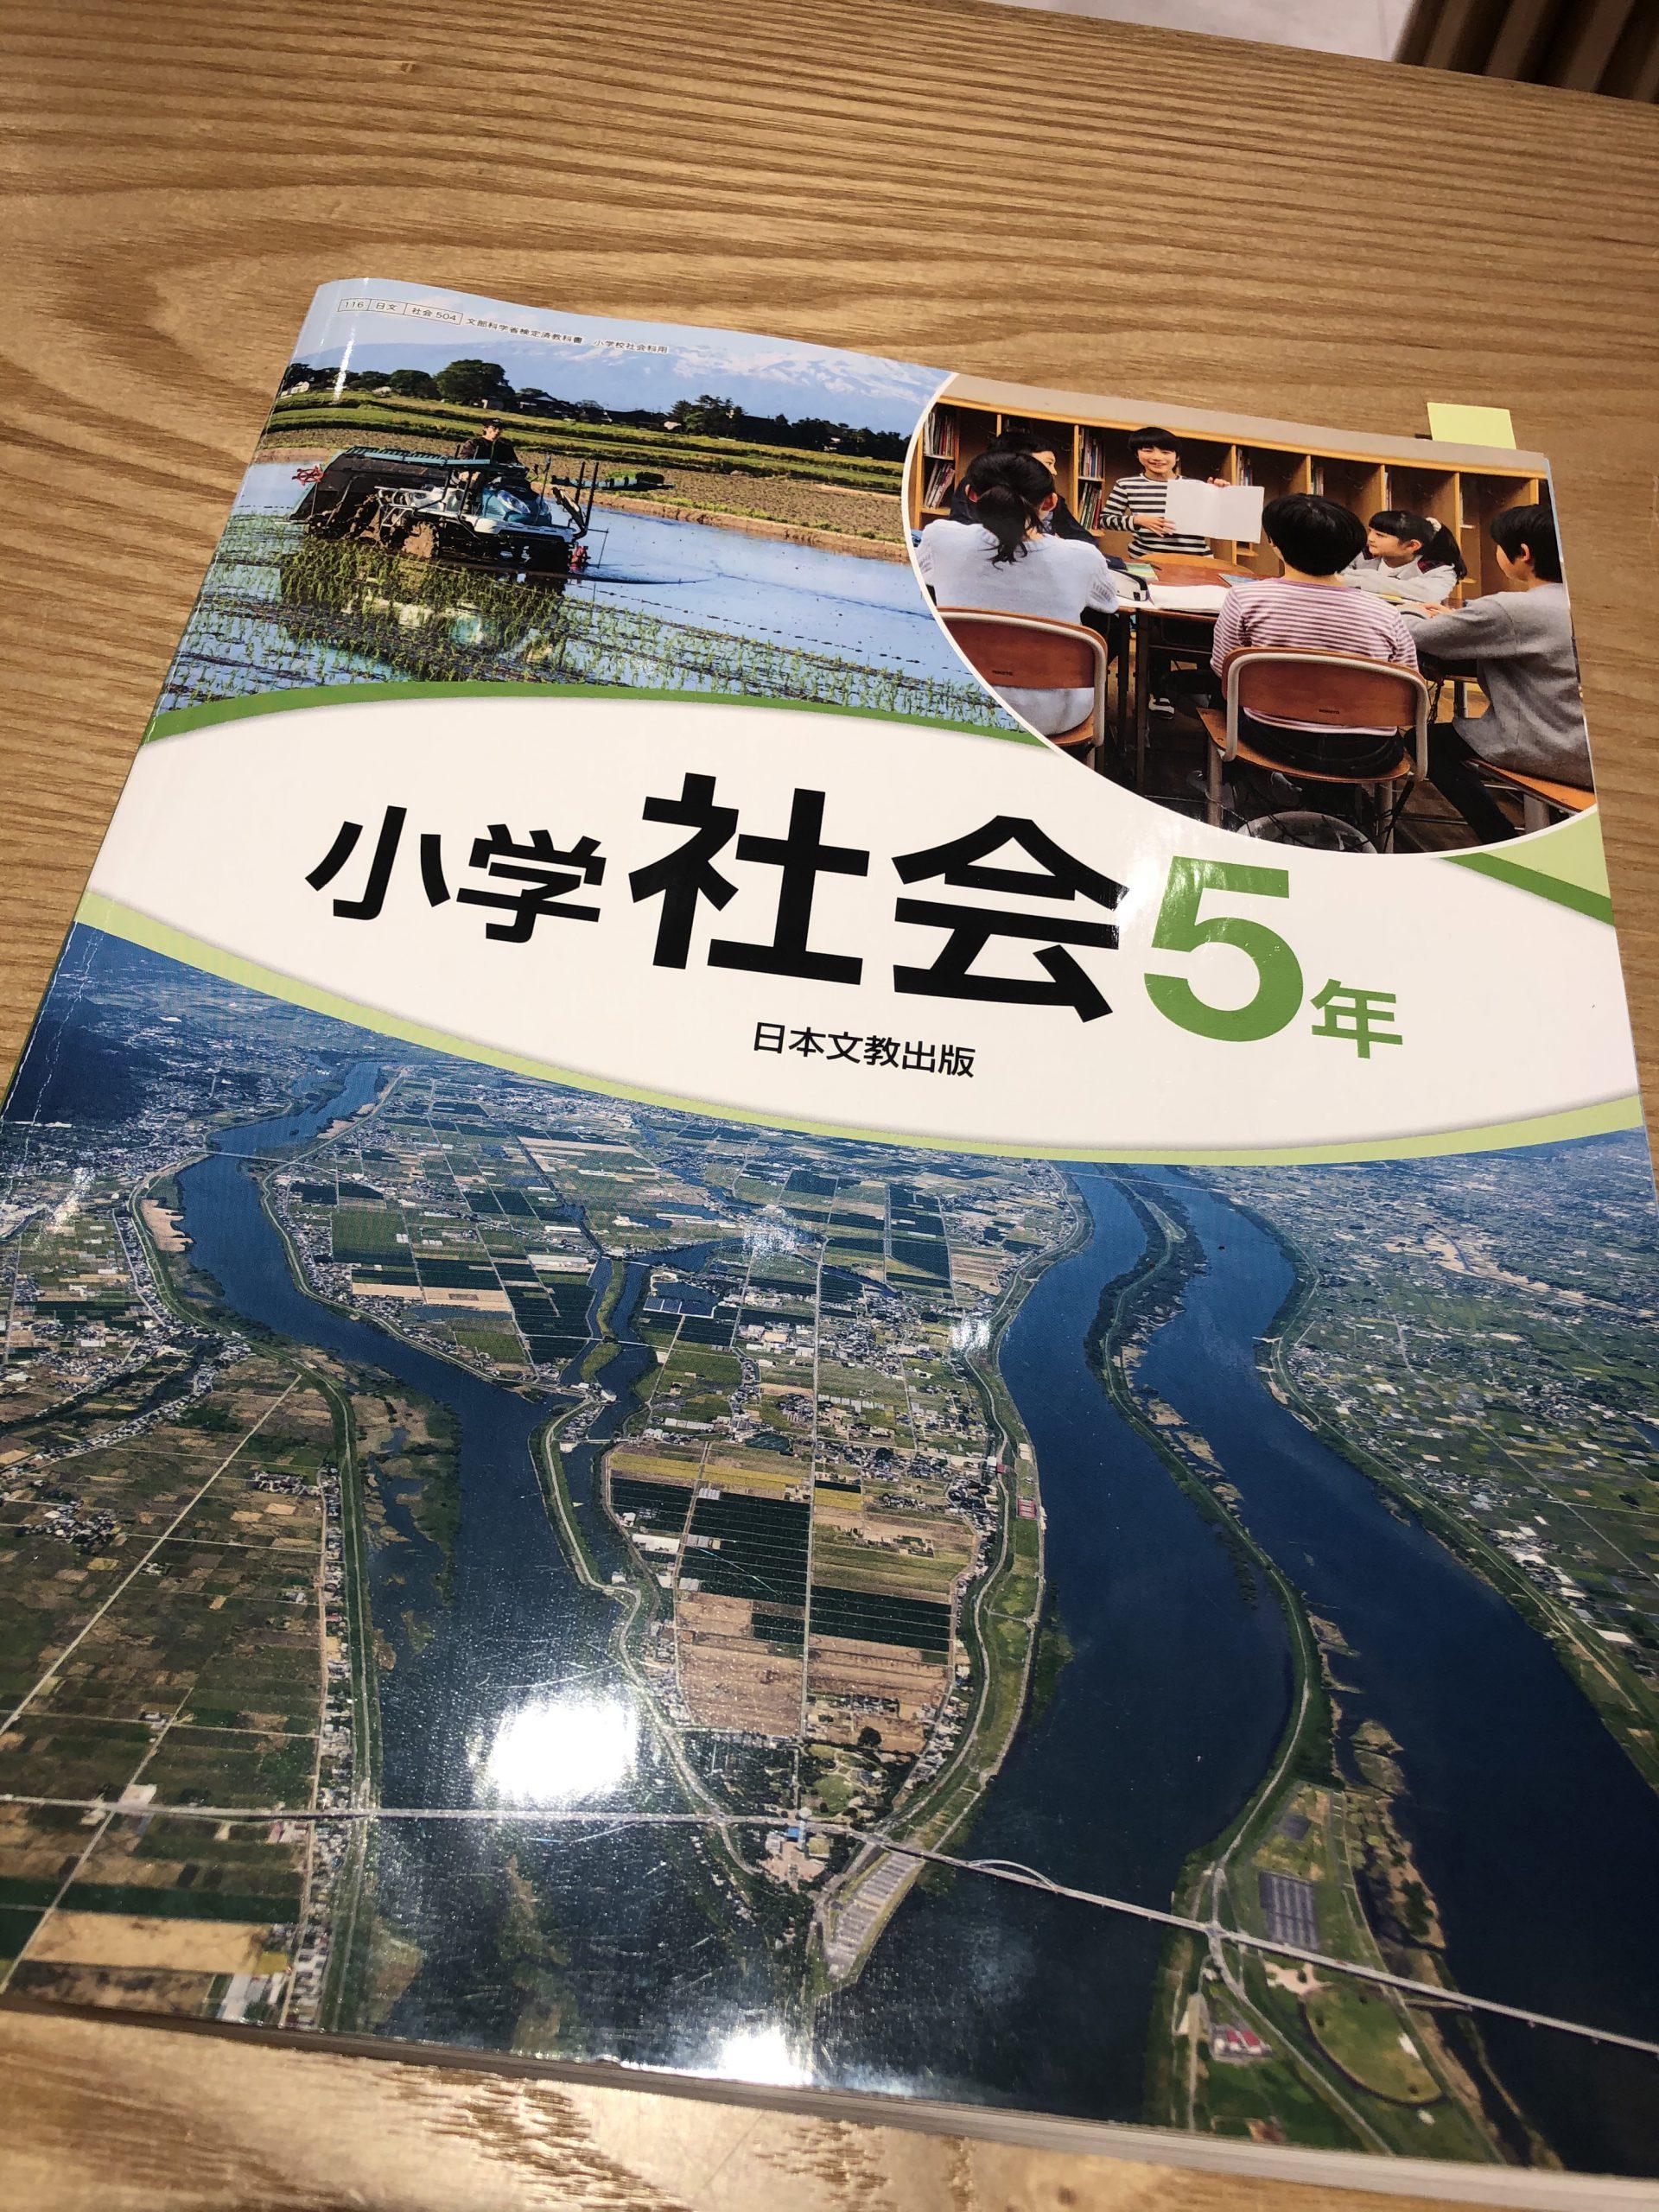 日本文教出版の小学社会5年生の教科書。